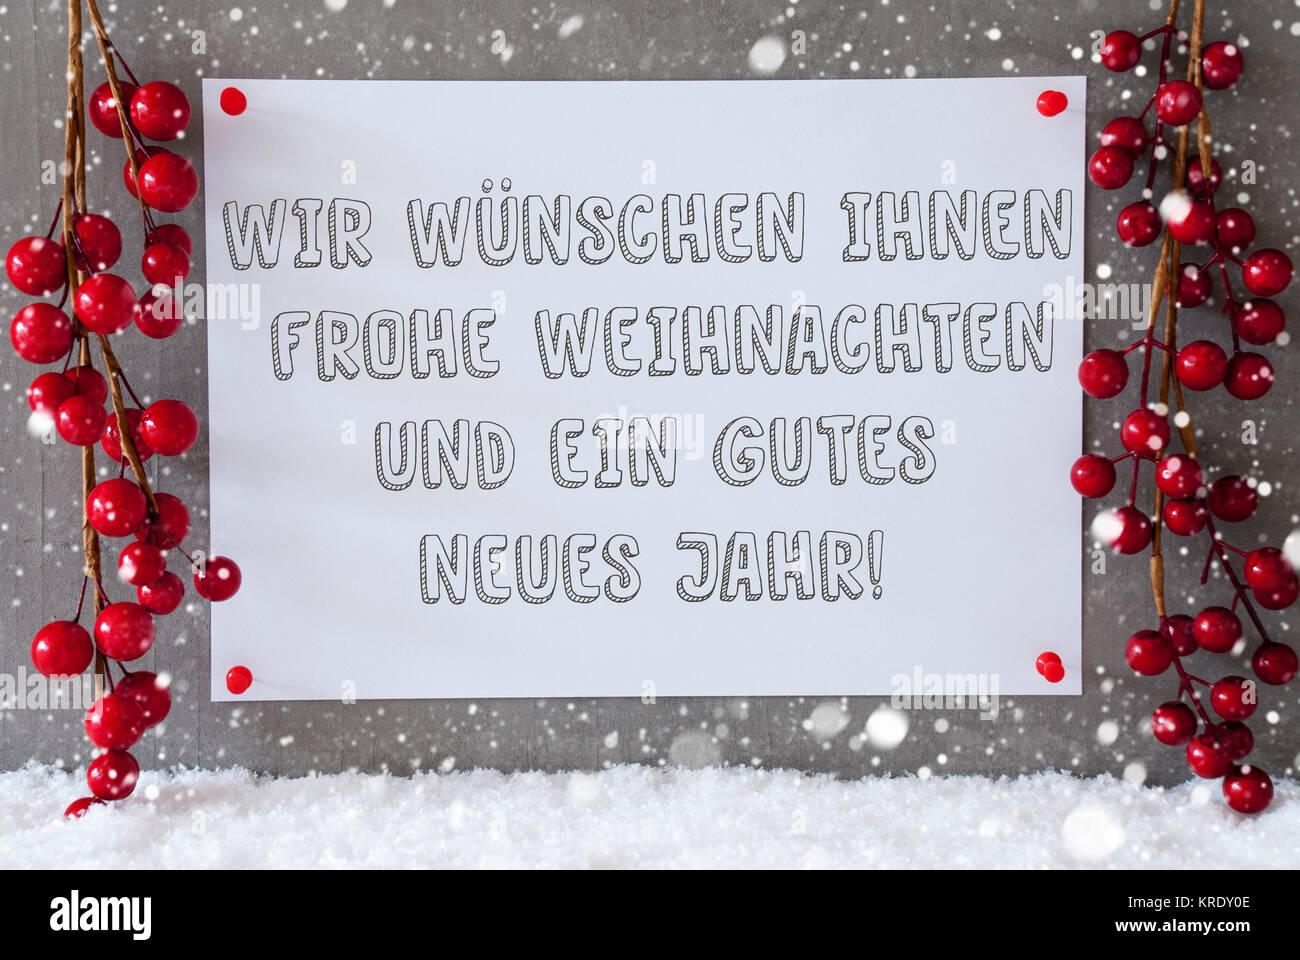 Text Frohe Weihnachten Und Ein Gutes Neues Jahr.Label With German Text Wir Wuenschen Frohe Weihnachten Und Ein Gutes